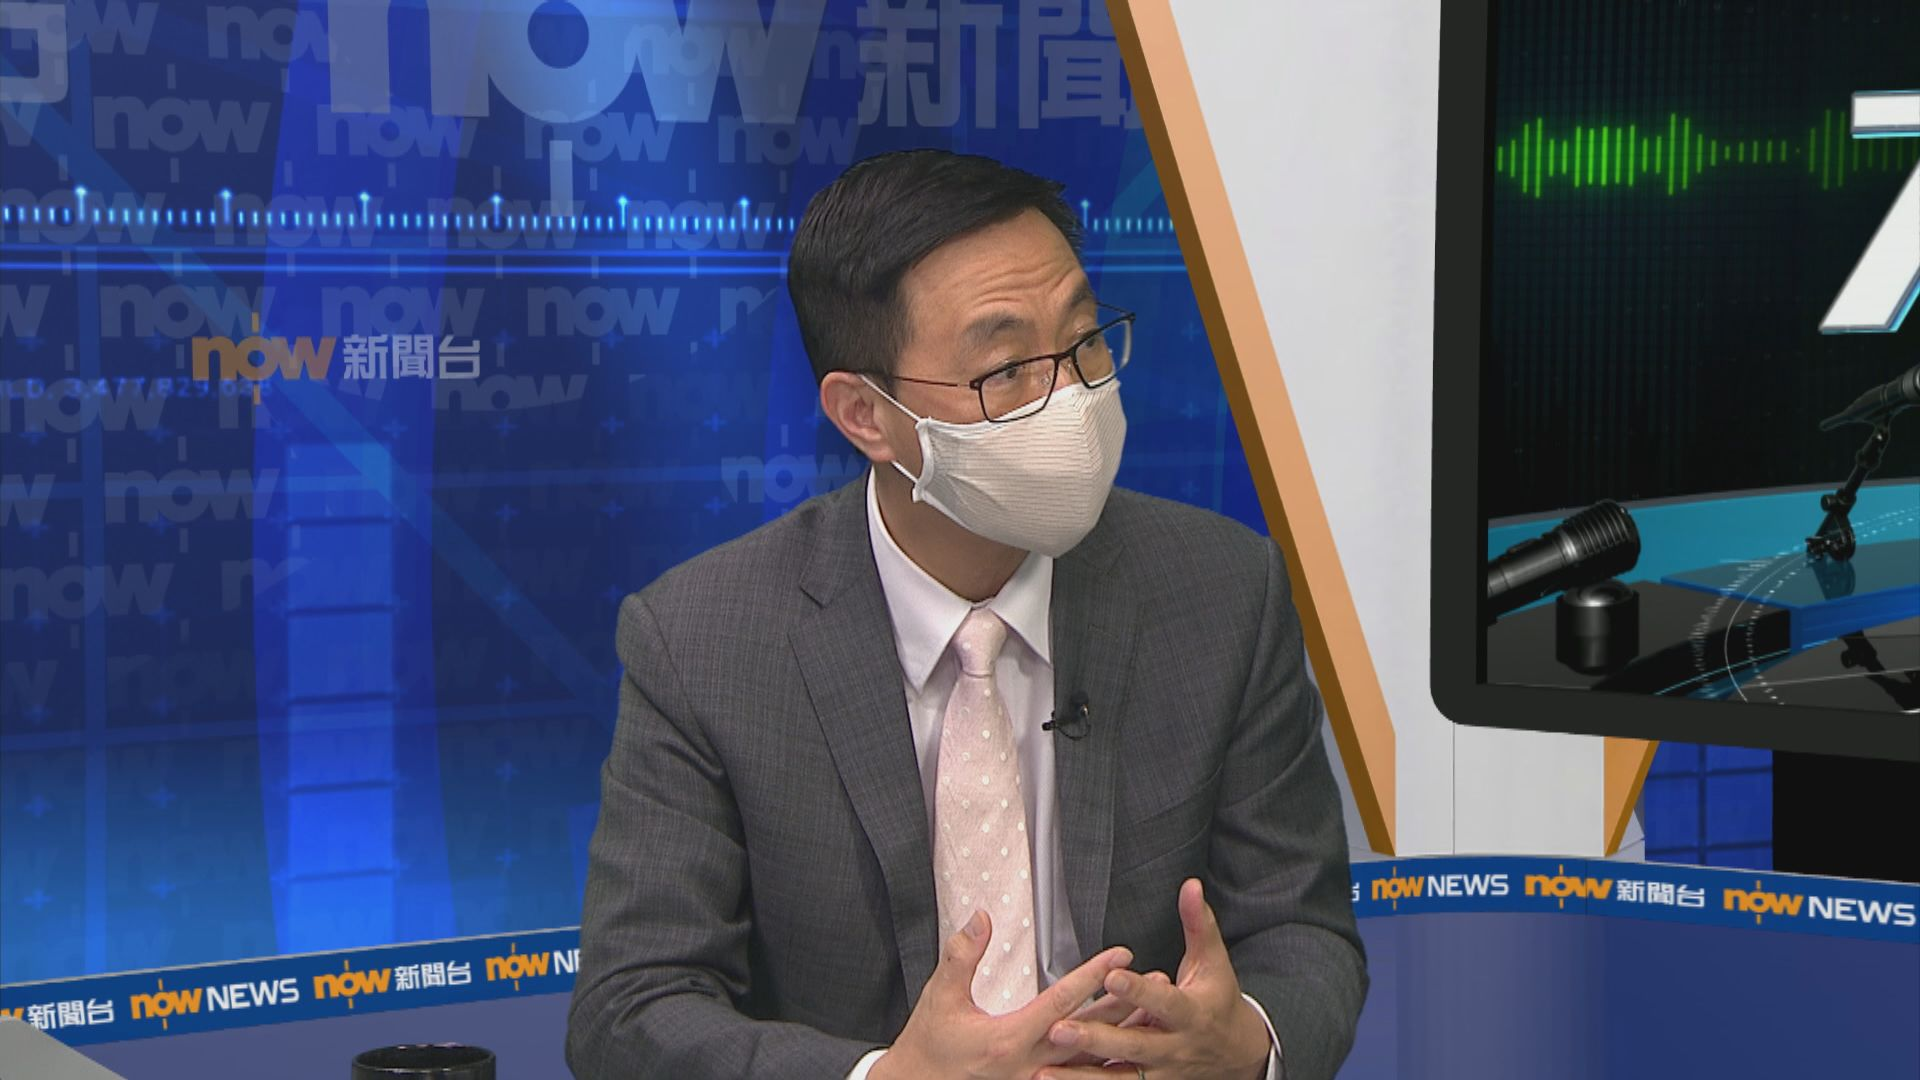 楊潤雄:正研簡化跨境學童檢疫措施 復課前未必有定案